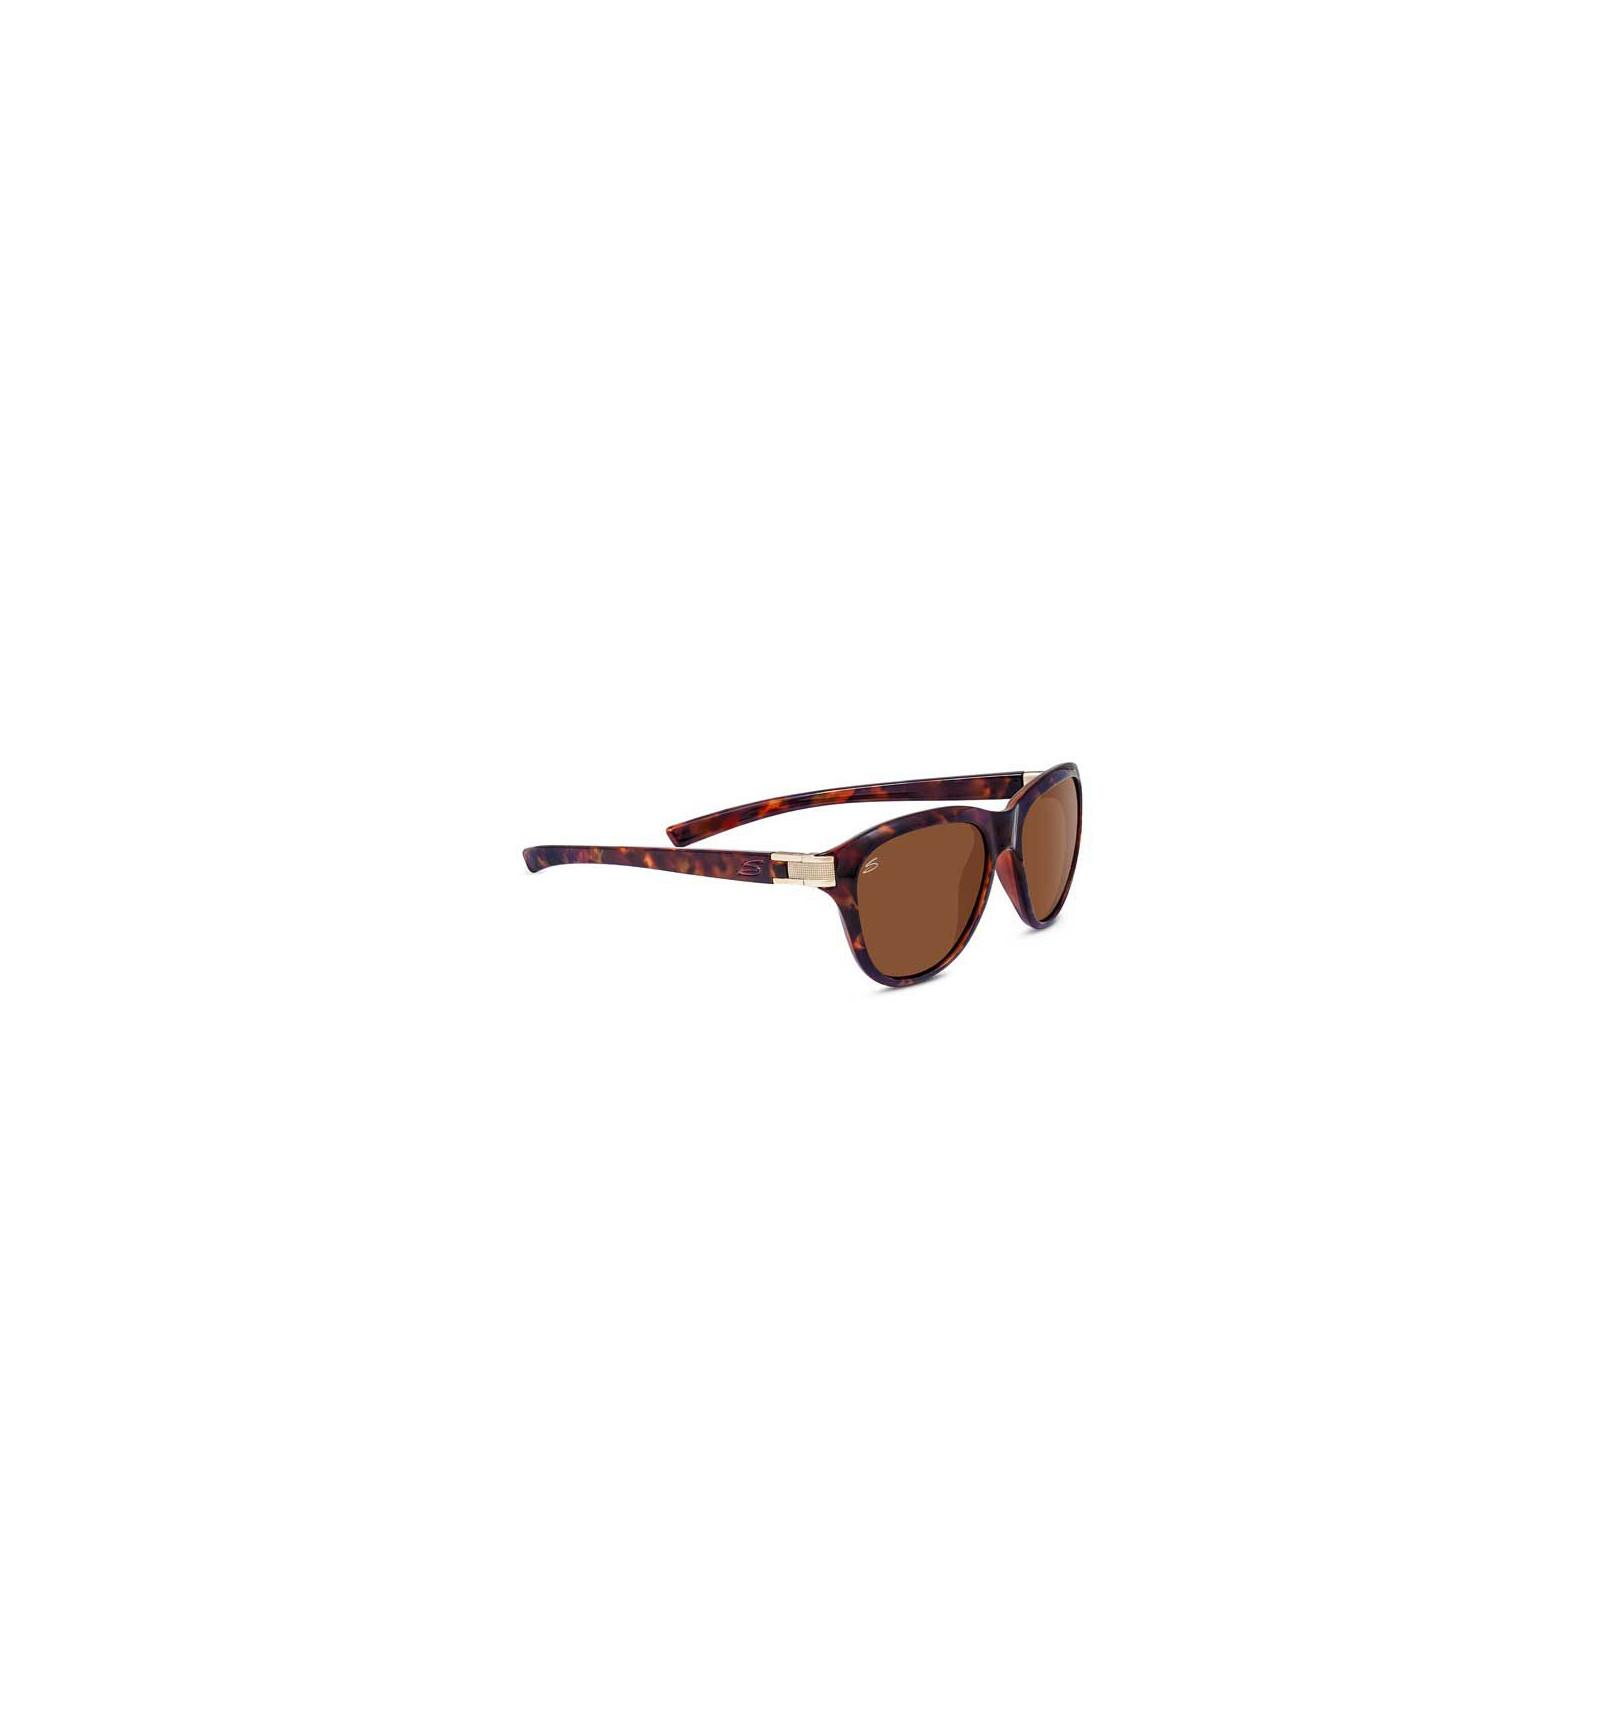 serengeti sunglasses g92s  serengeti sunglasses